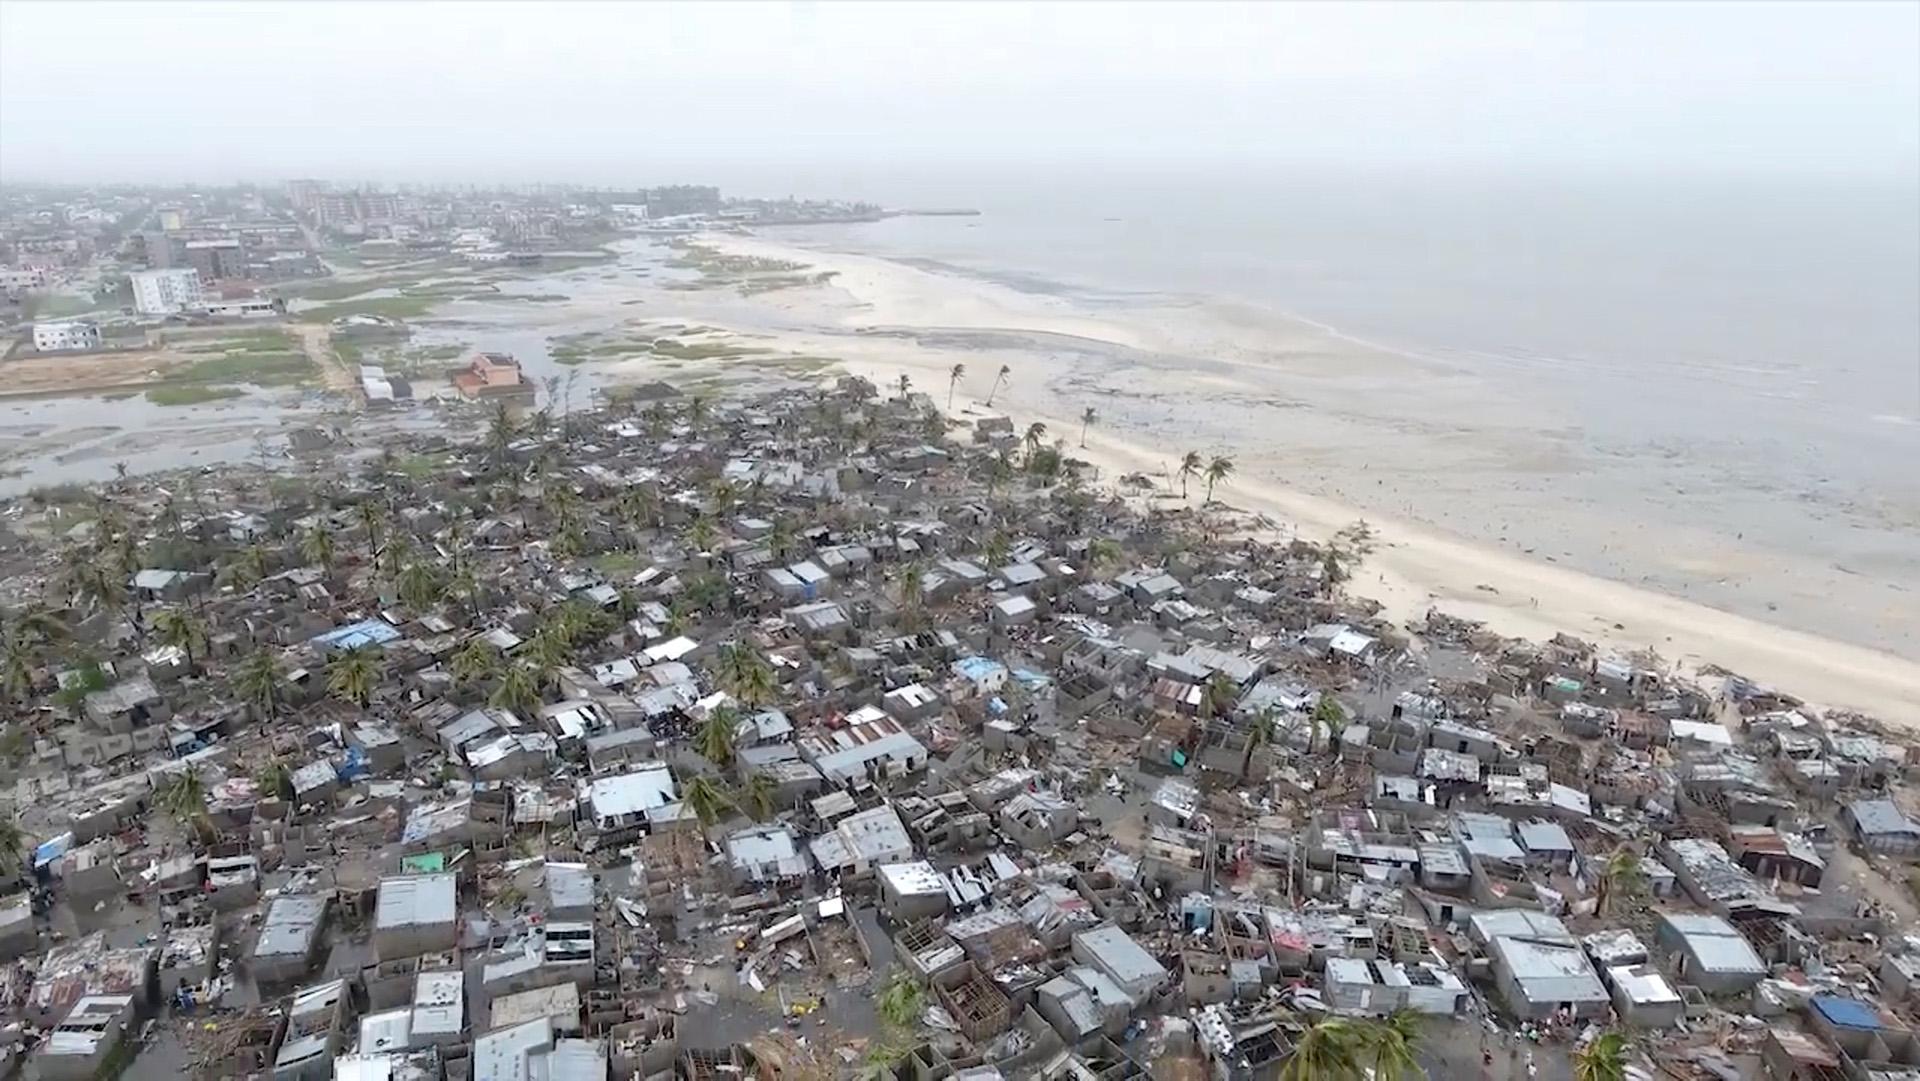 Las imágenes de drones muestran la destrucción después del ciclón Idai en el asentamiento de Praia Nova, que se encuentra en el borde de Beira, Mozambique, el 18 de marzo. (Reuters)